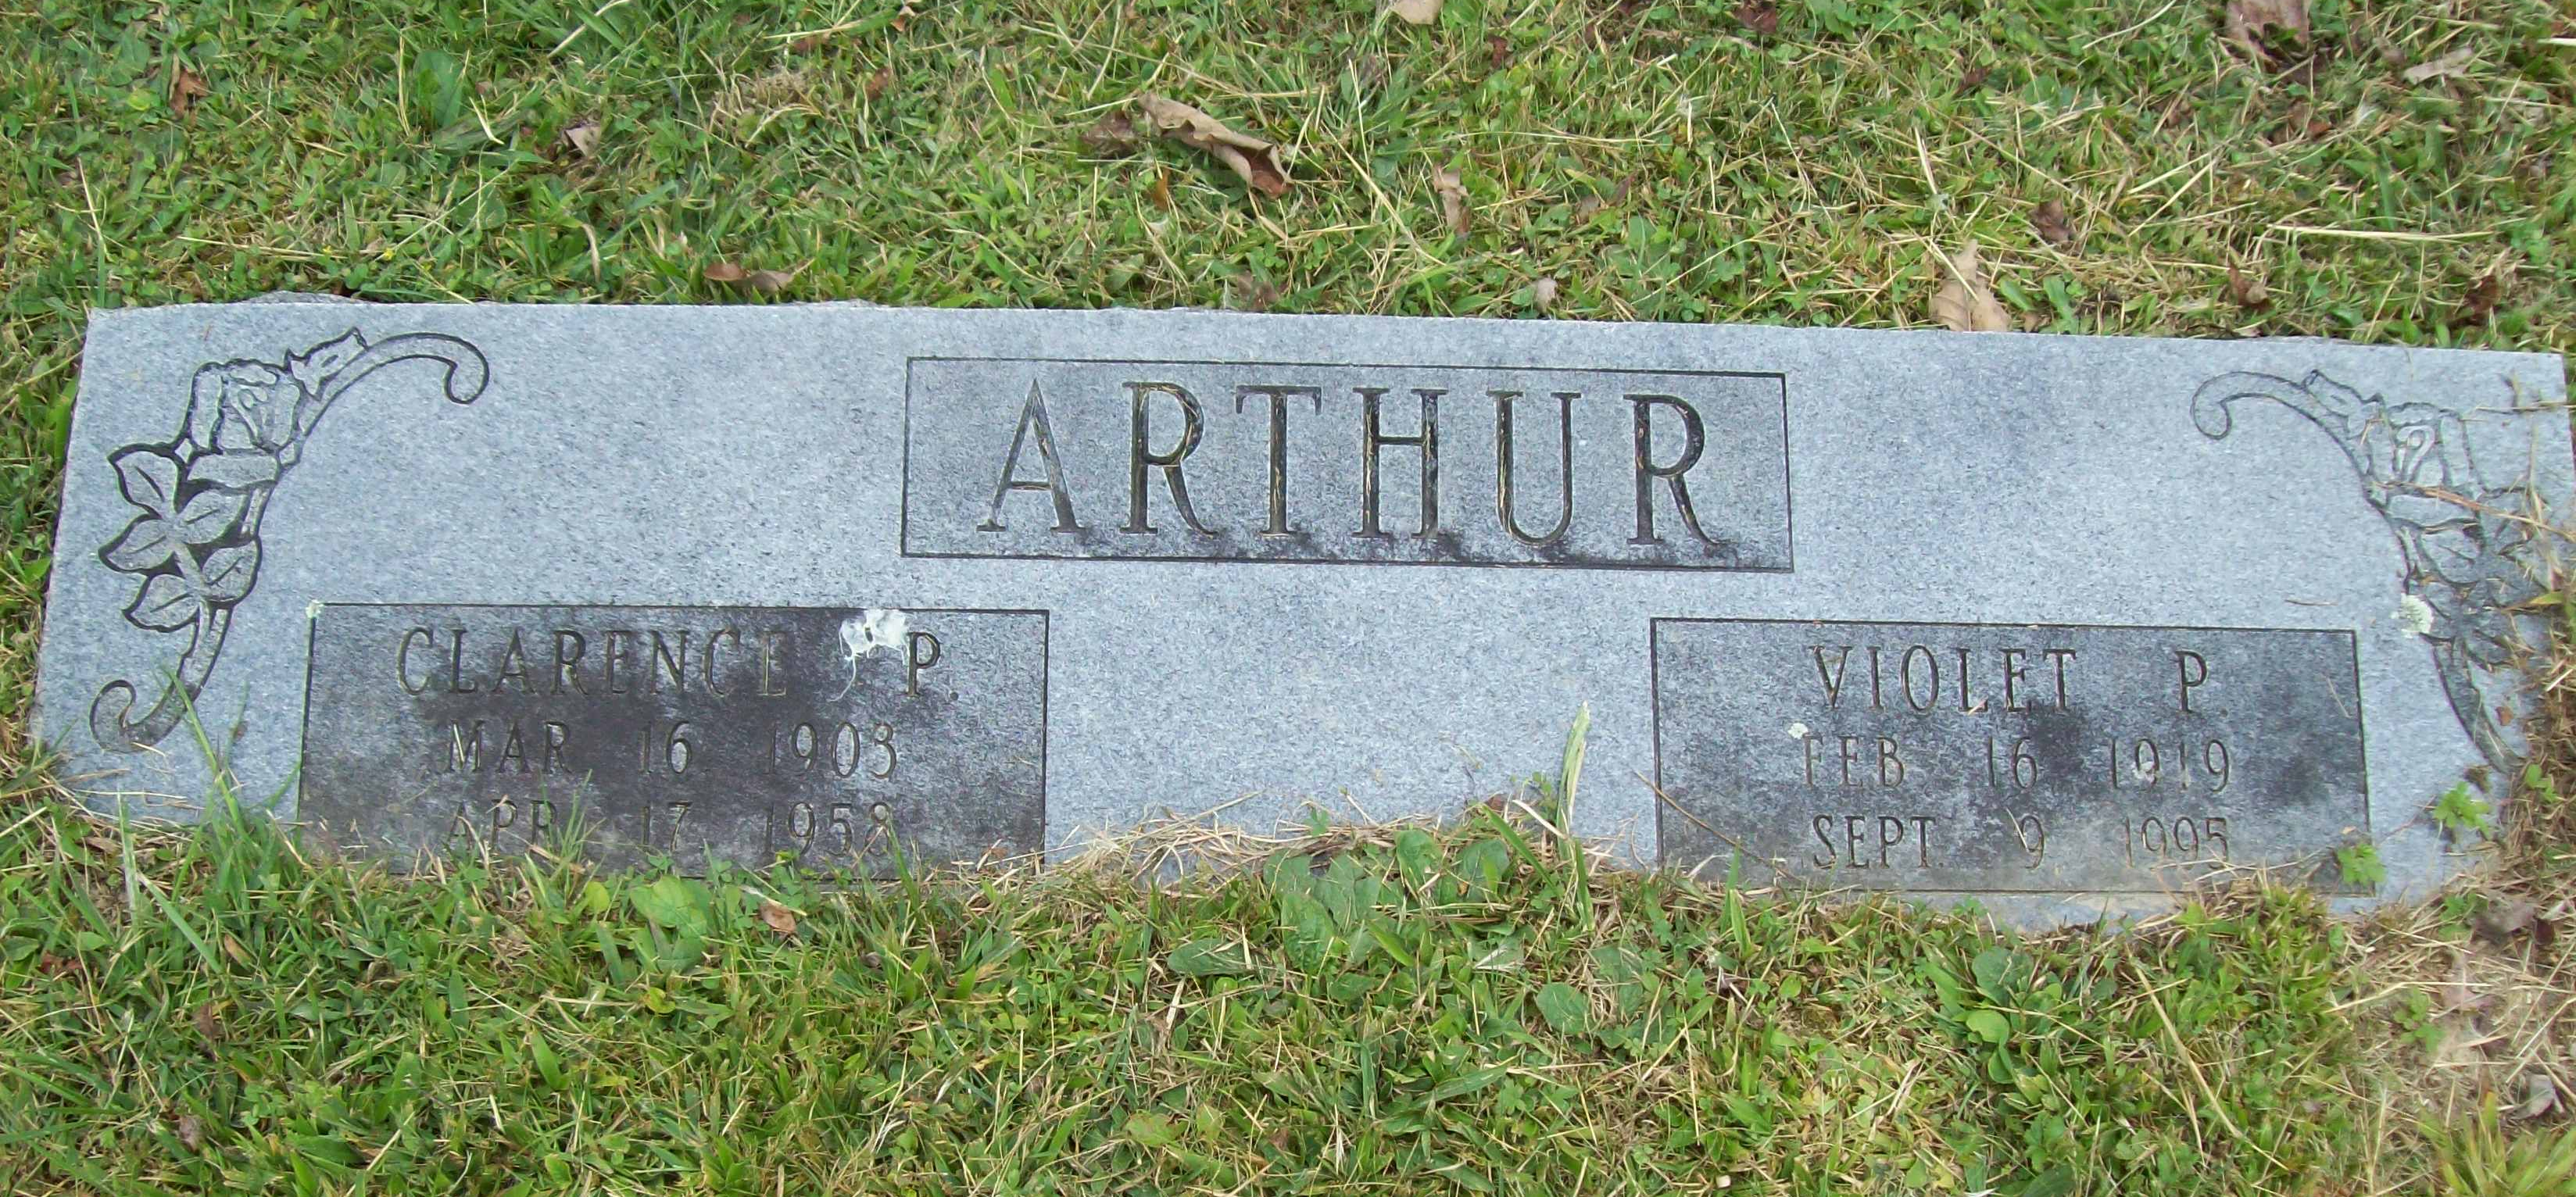 Clarence P. Arthur